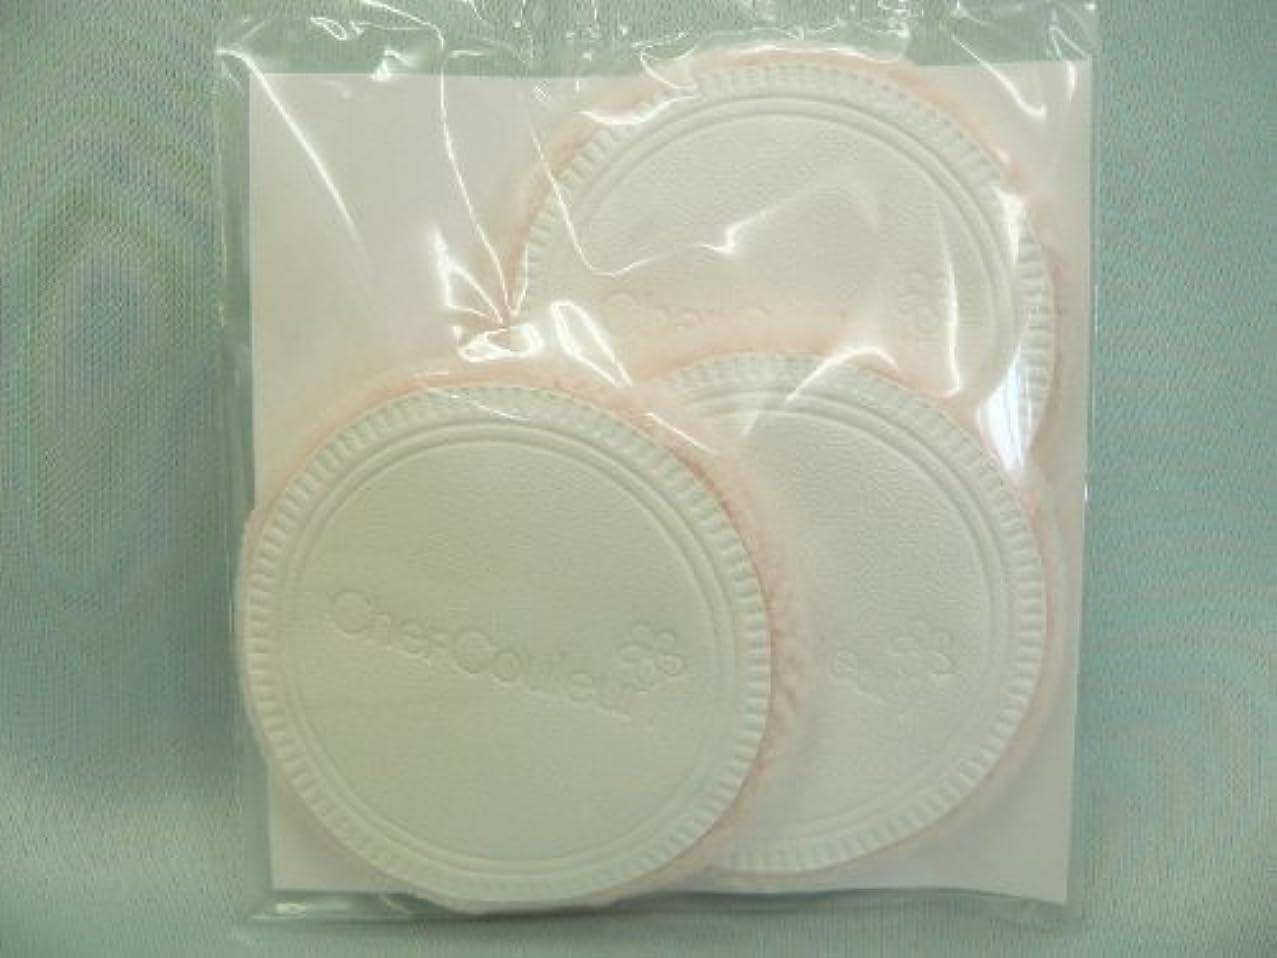 適切に瀬戸際独特のシェルクルール化粧品プロテクトパウダー専用ケース(パフ付き)